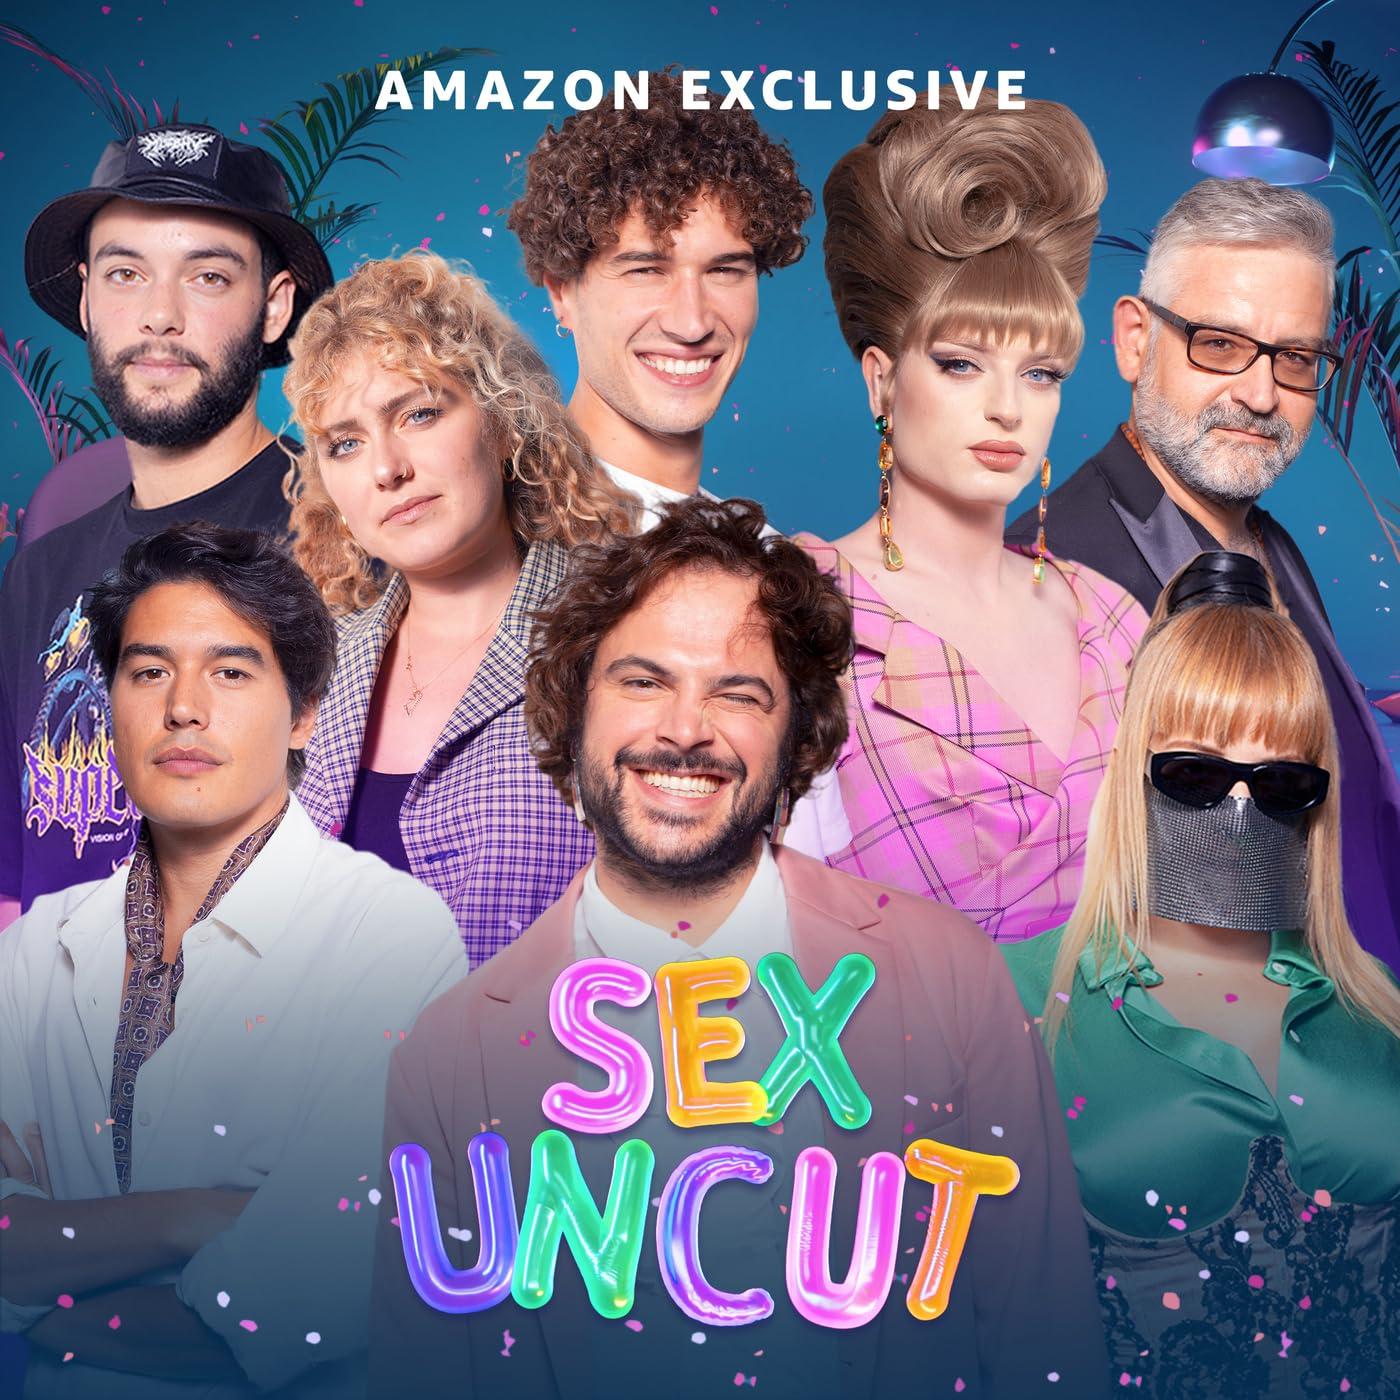 Sex, Uncut